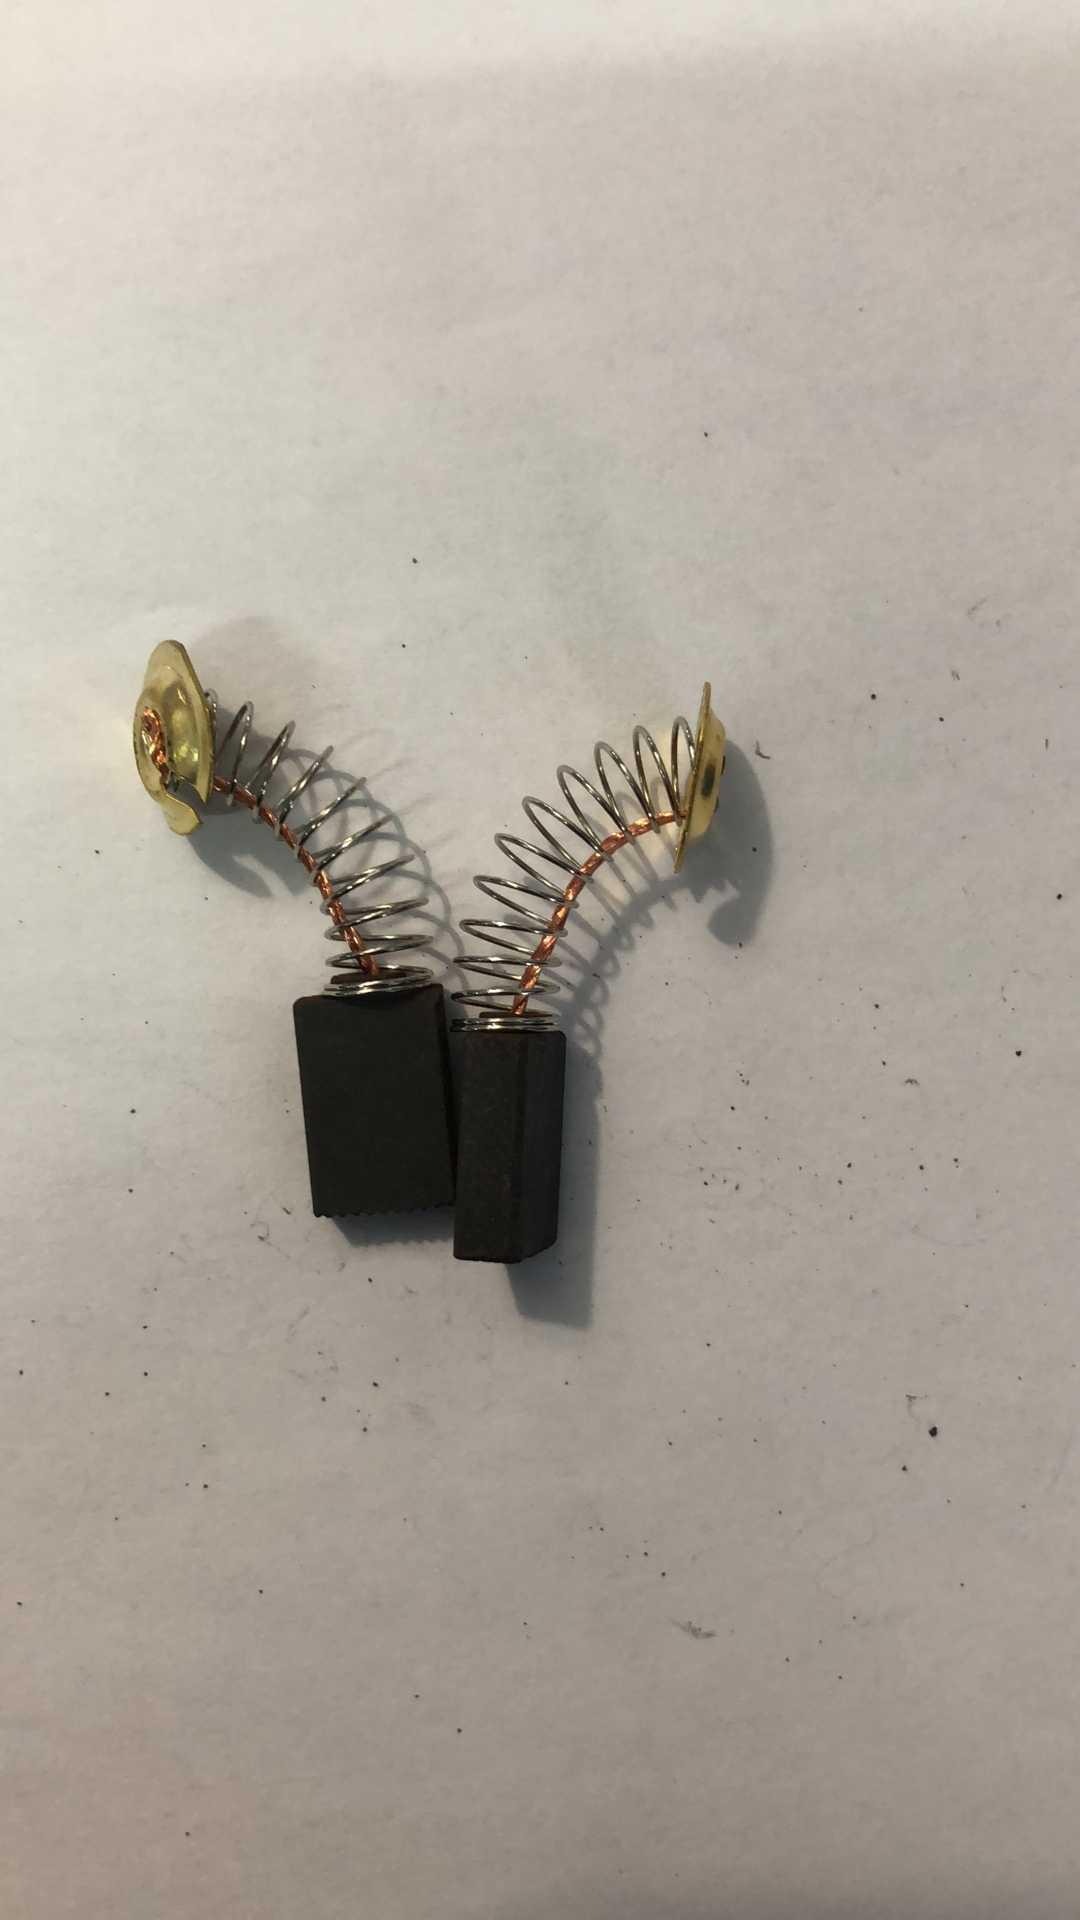 """Outil électrique pour compresseur d'air, moteur électrique 2 pièces de 5x11x18mm brosses en carbone de Graphite ressorts et fils outil électrique pour compresseur d'air 1/5 """"x 7/16"""" x 43/64 """"LF1"""